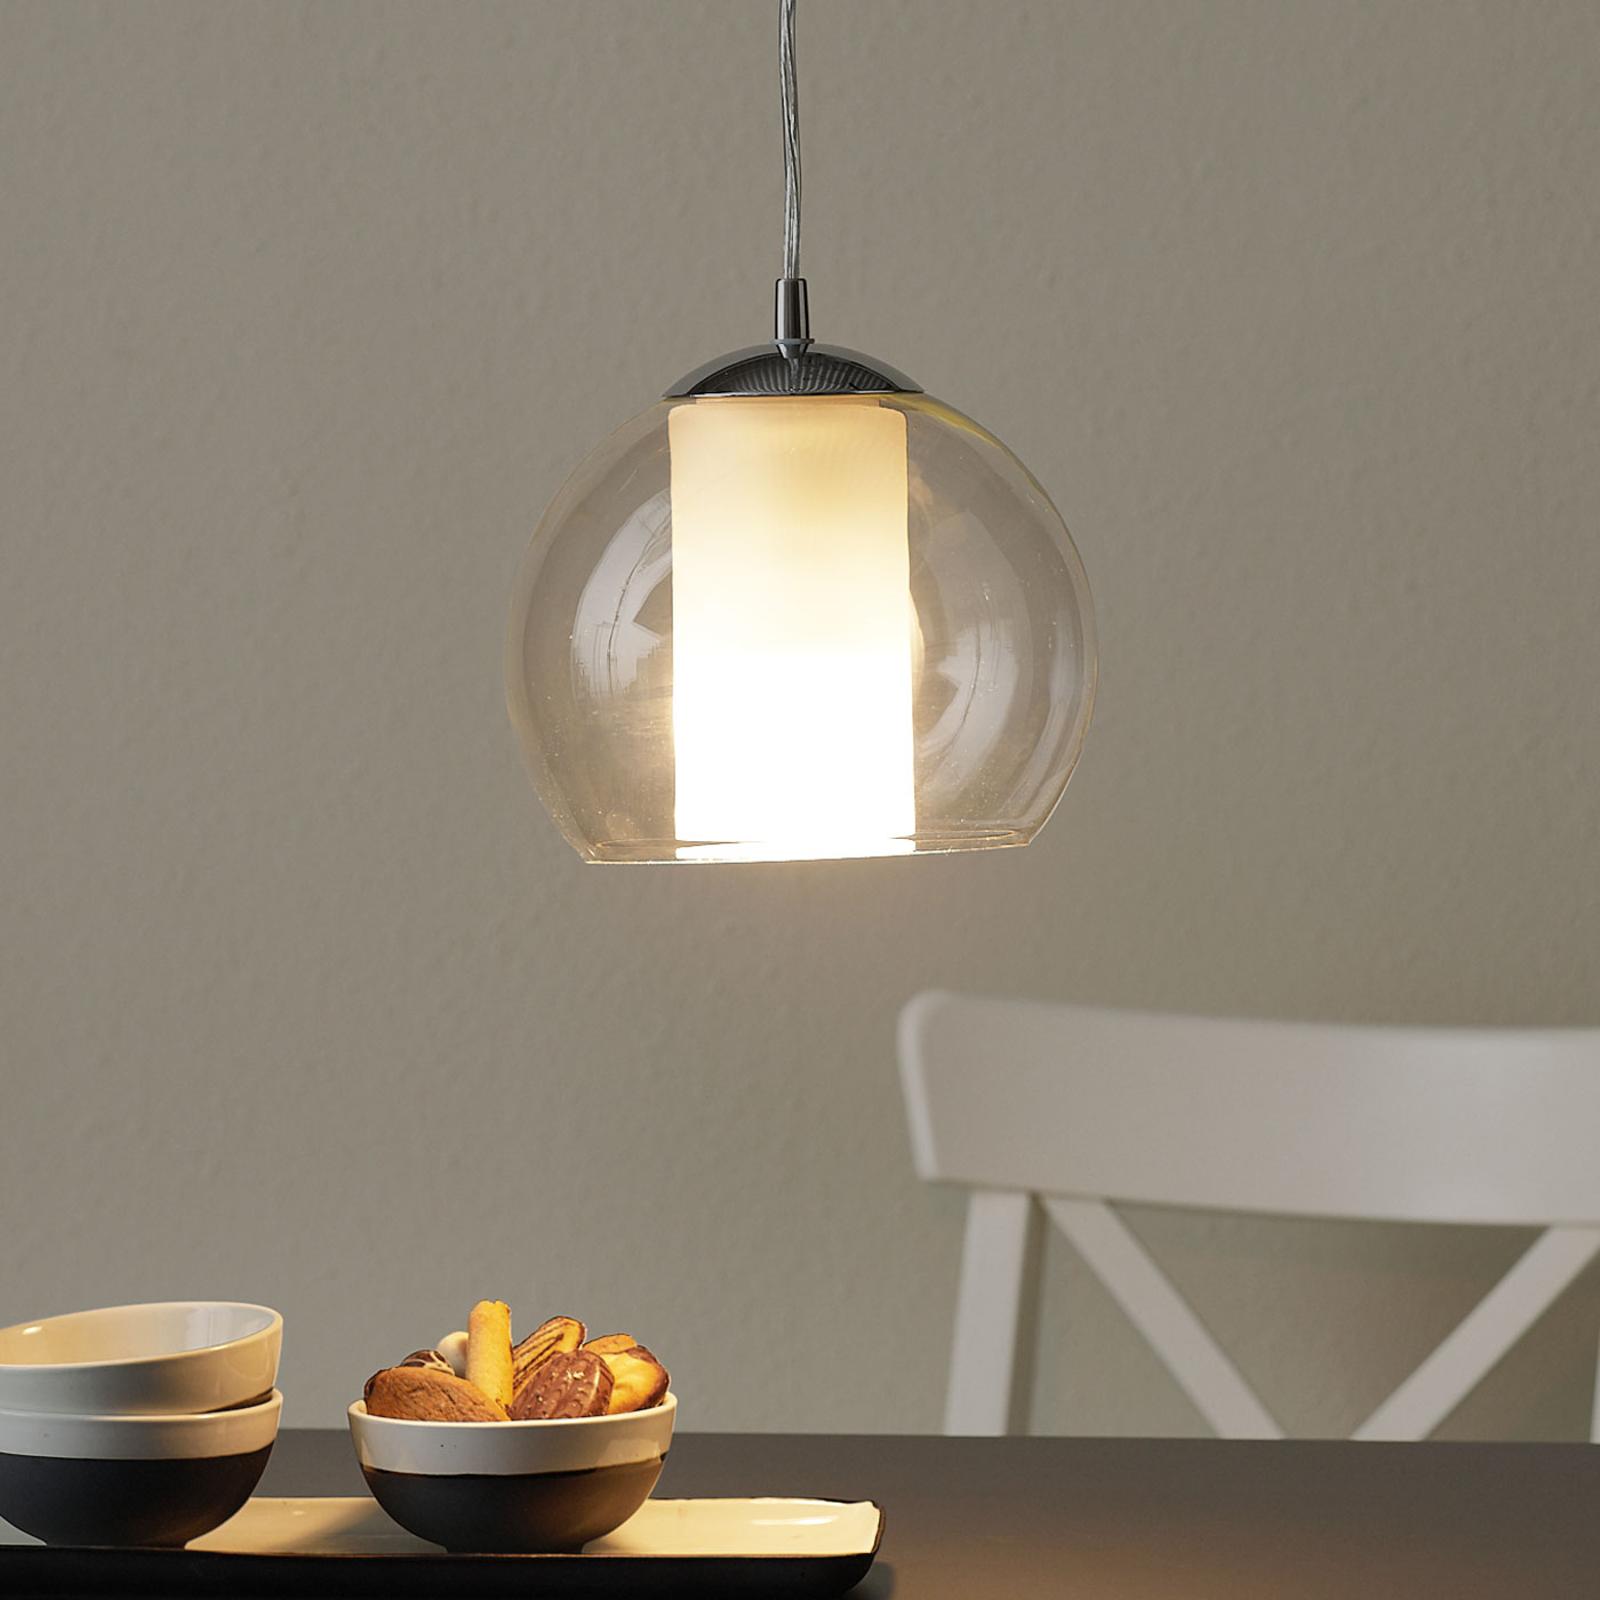 Pregiata lampada a pendolo di vetro Bolsano